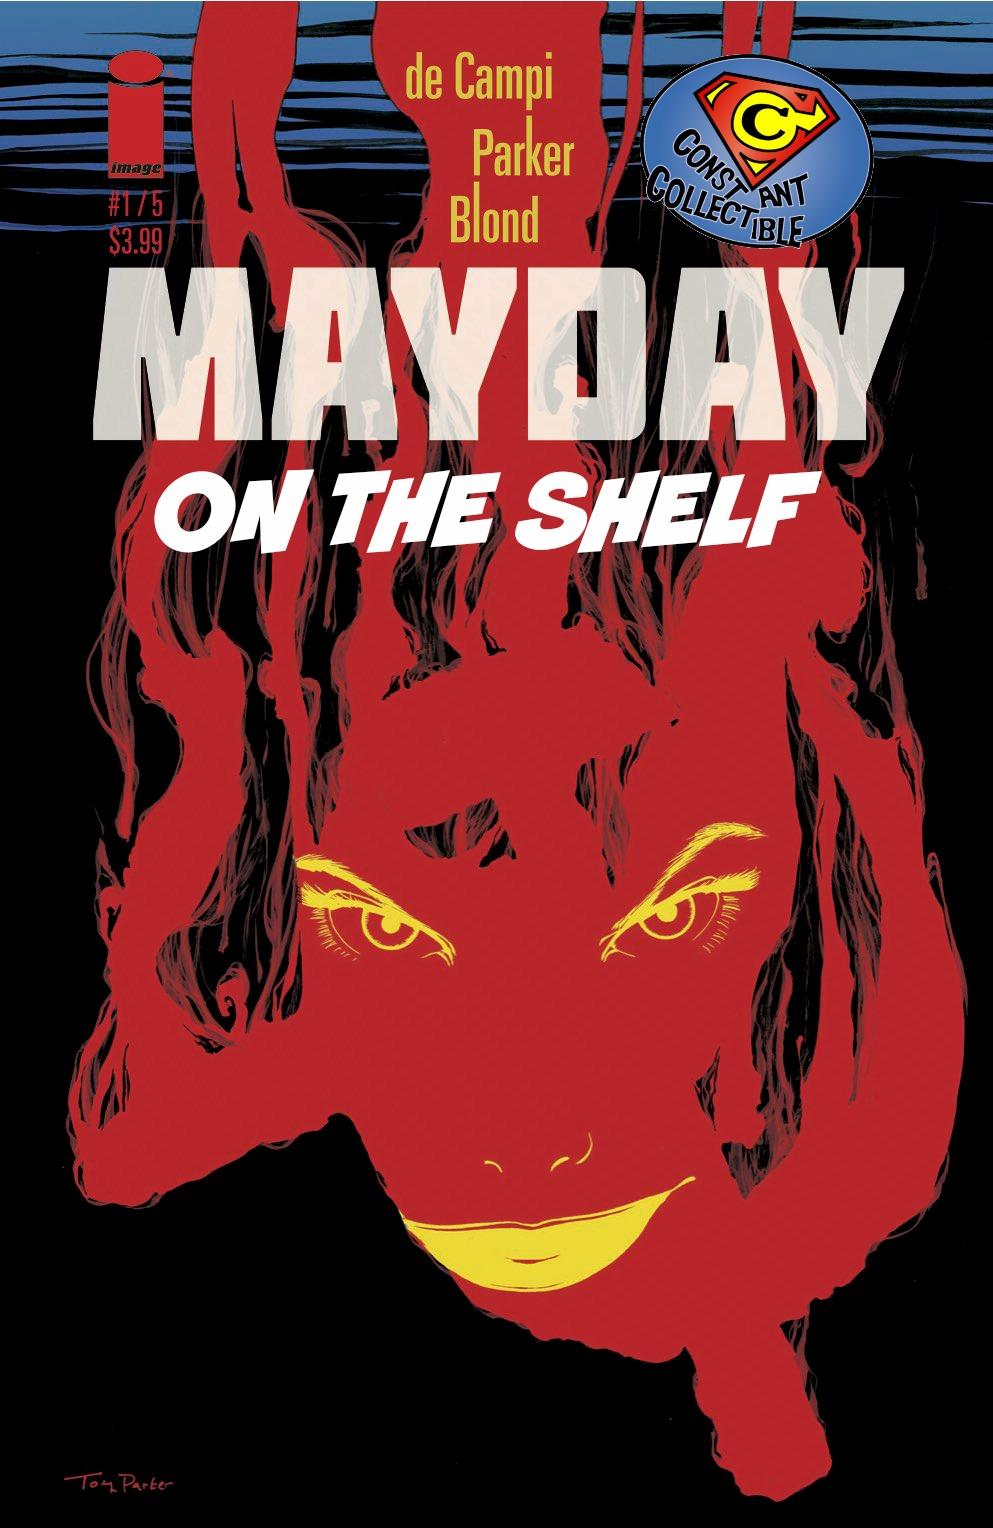 mayday-ots